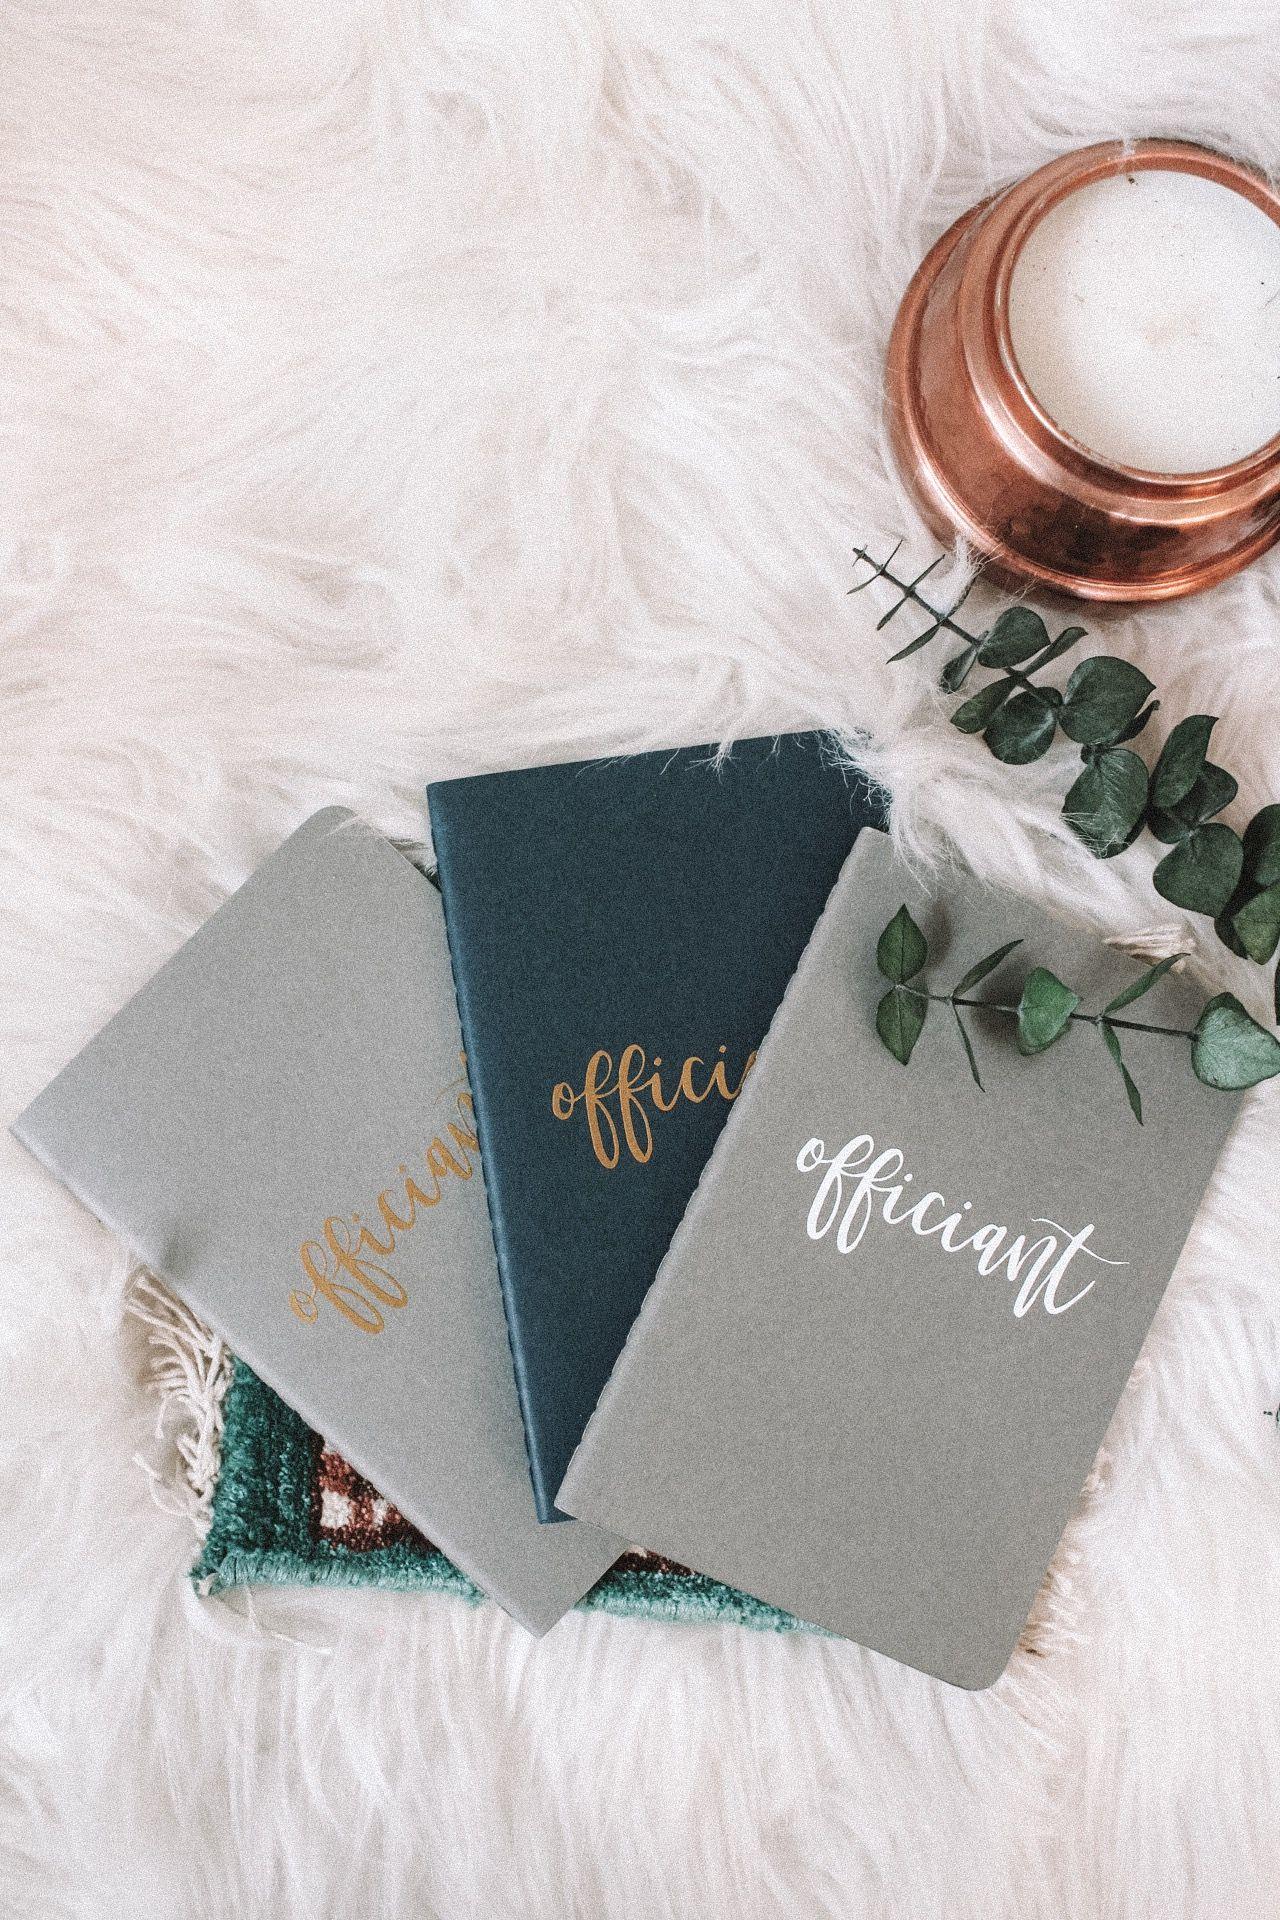 Officiant Book Wedding Officiant Journal Wedding Speech